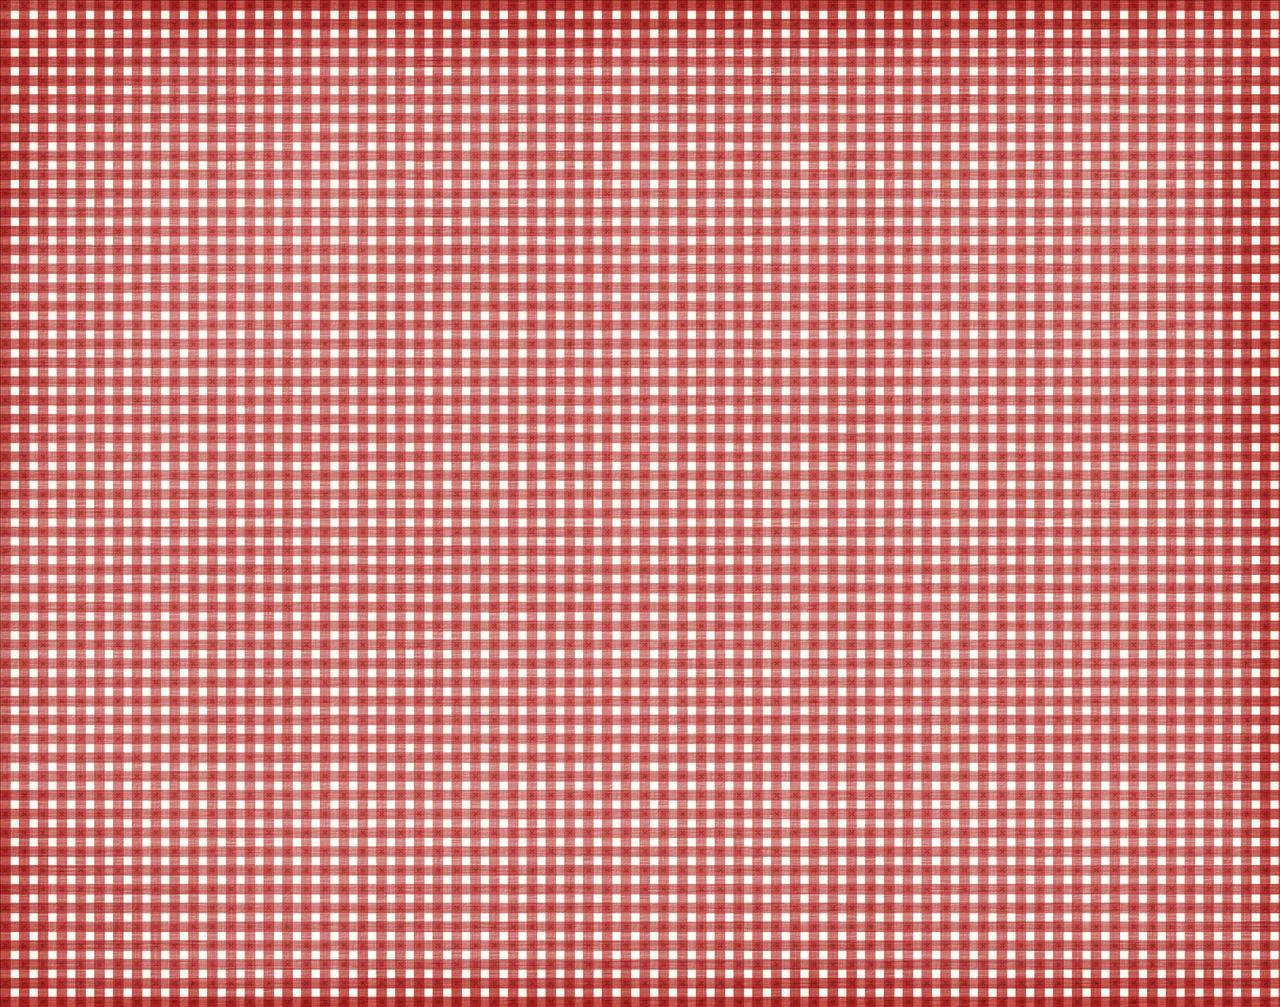 Red Gingham Wallpaper Wallpapersafari